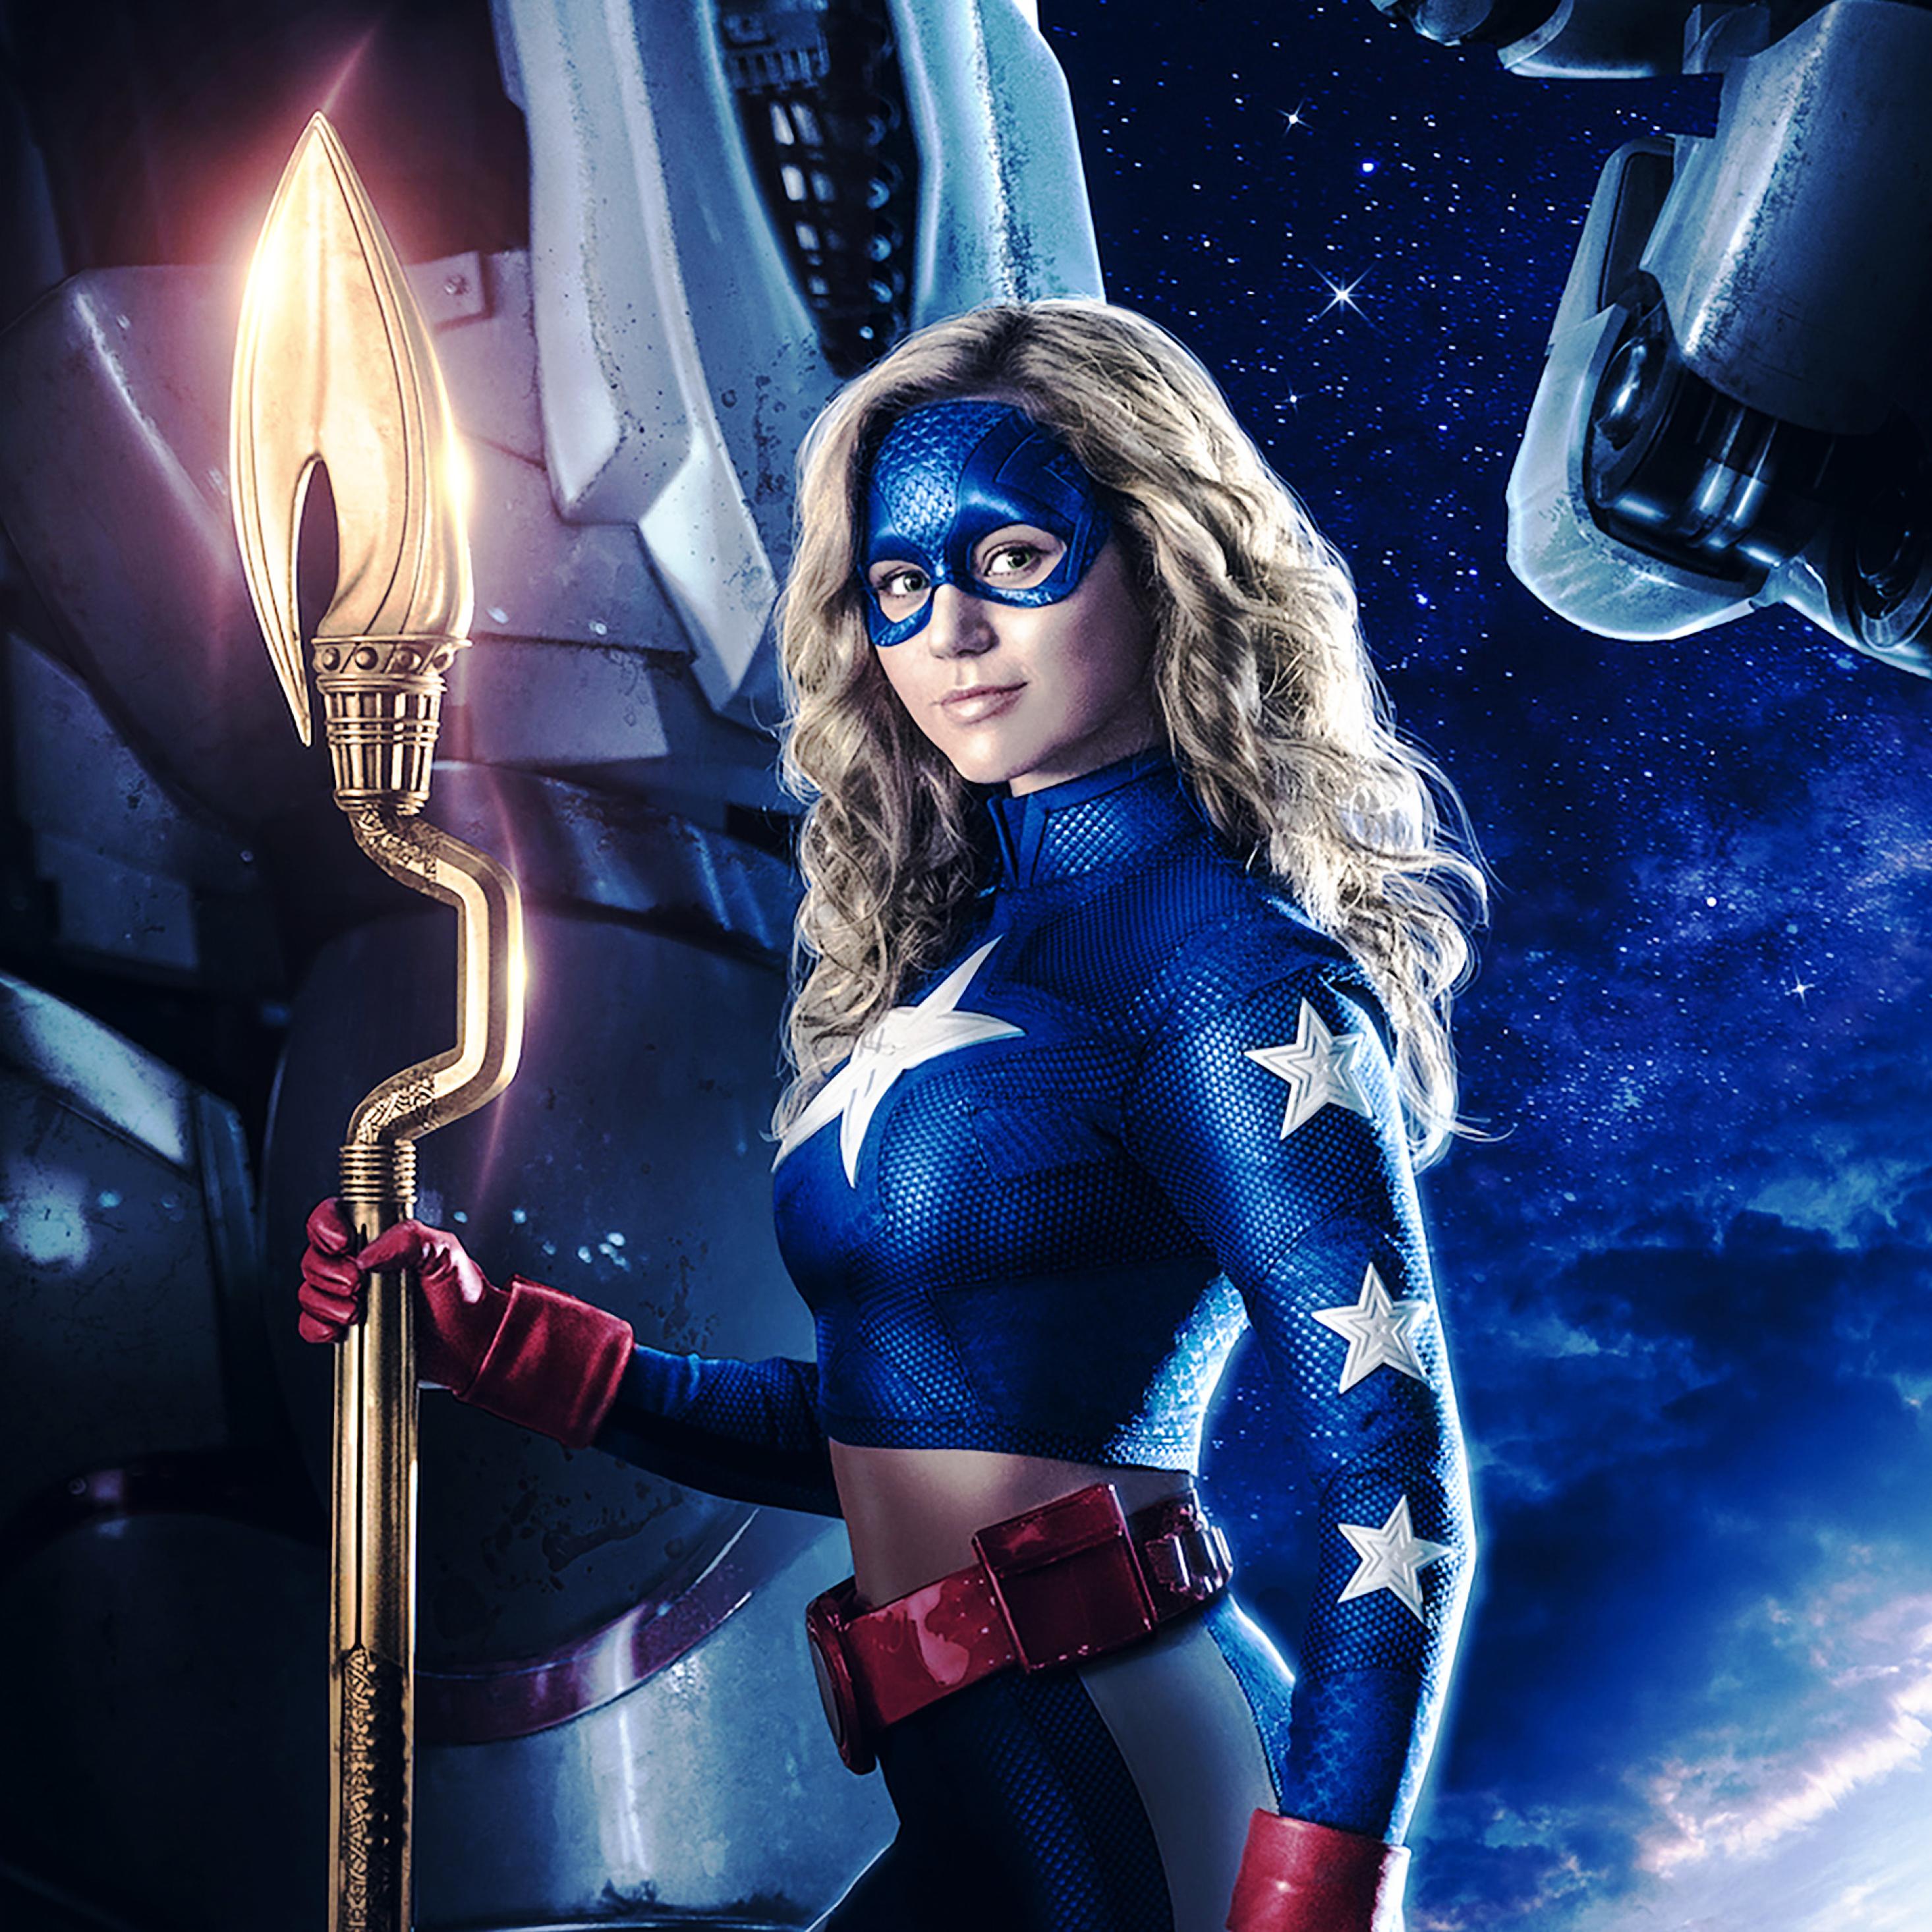 2932x2932 Stargirl DC Universe Ipad Pro Retina Display Wallpaper 2932x2932